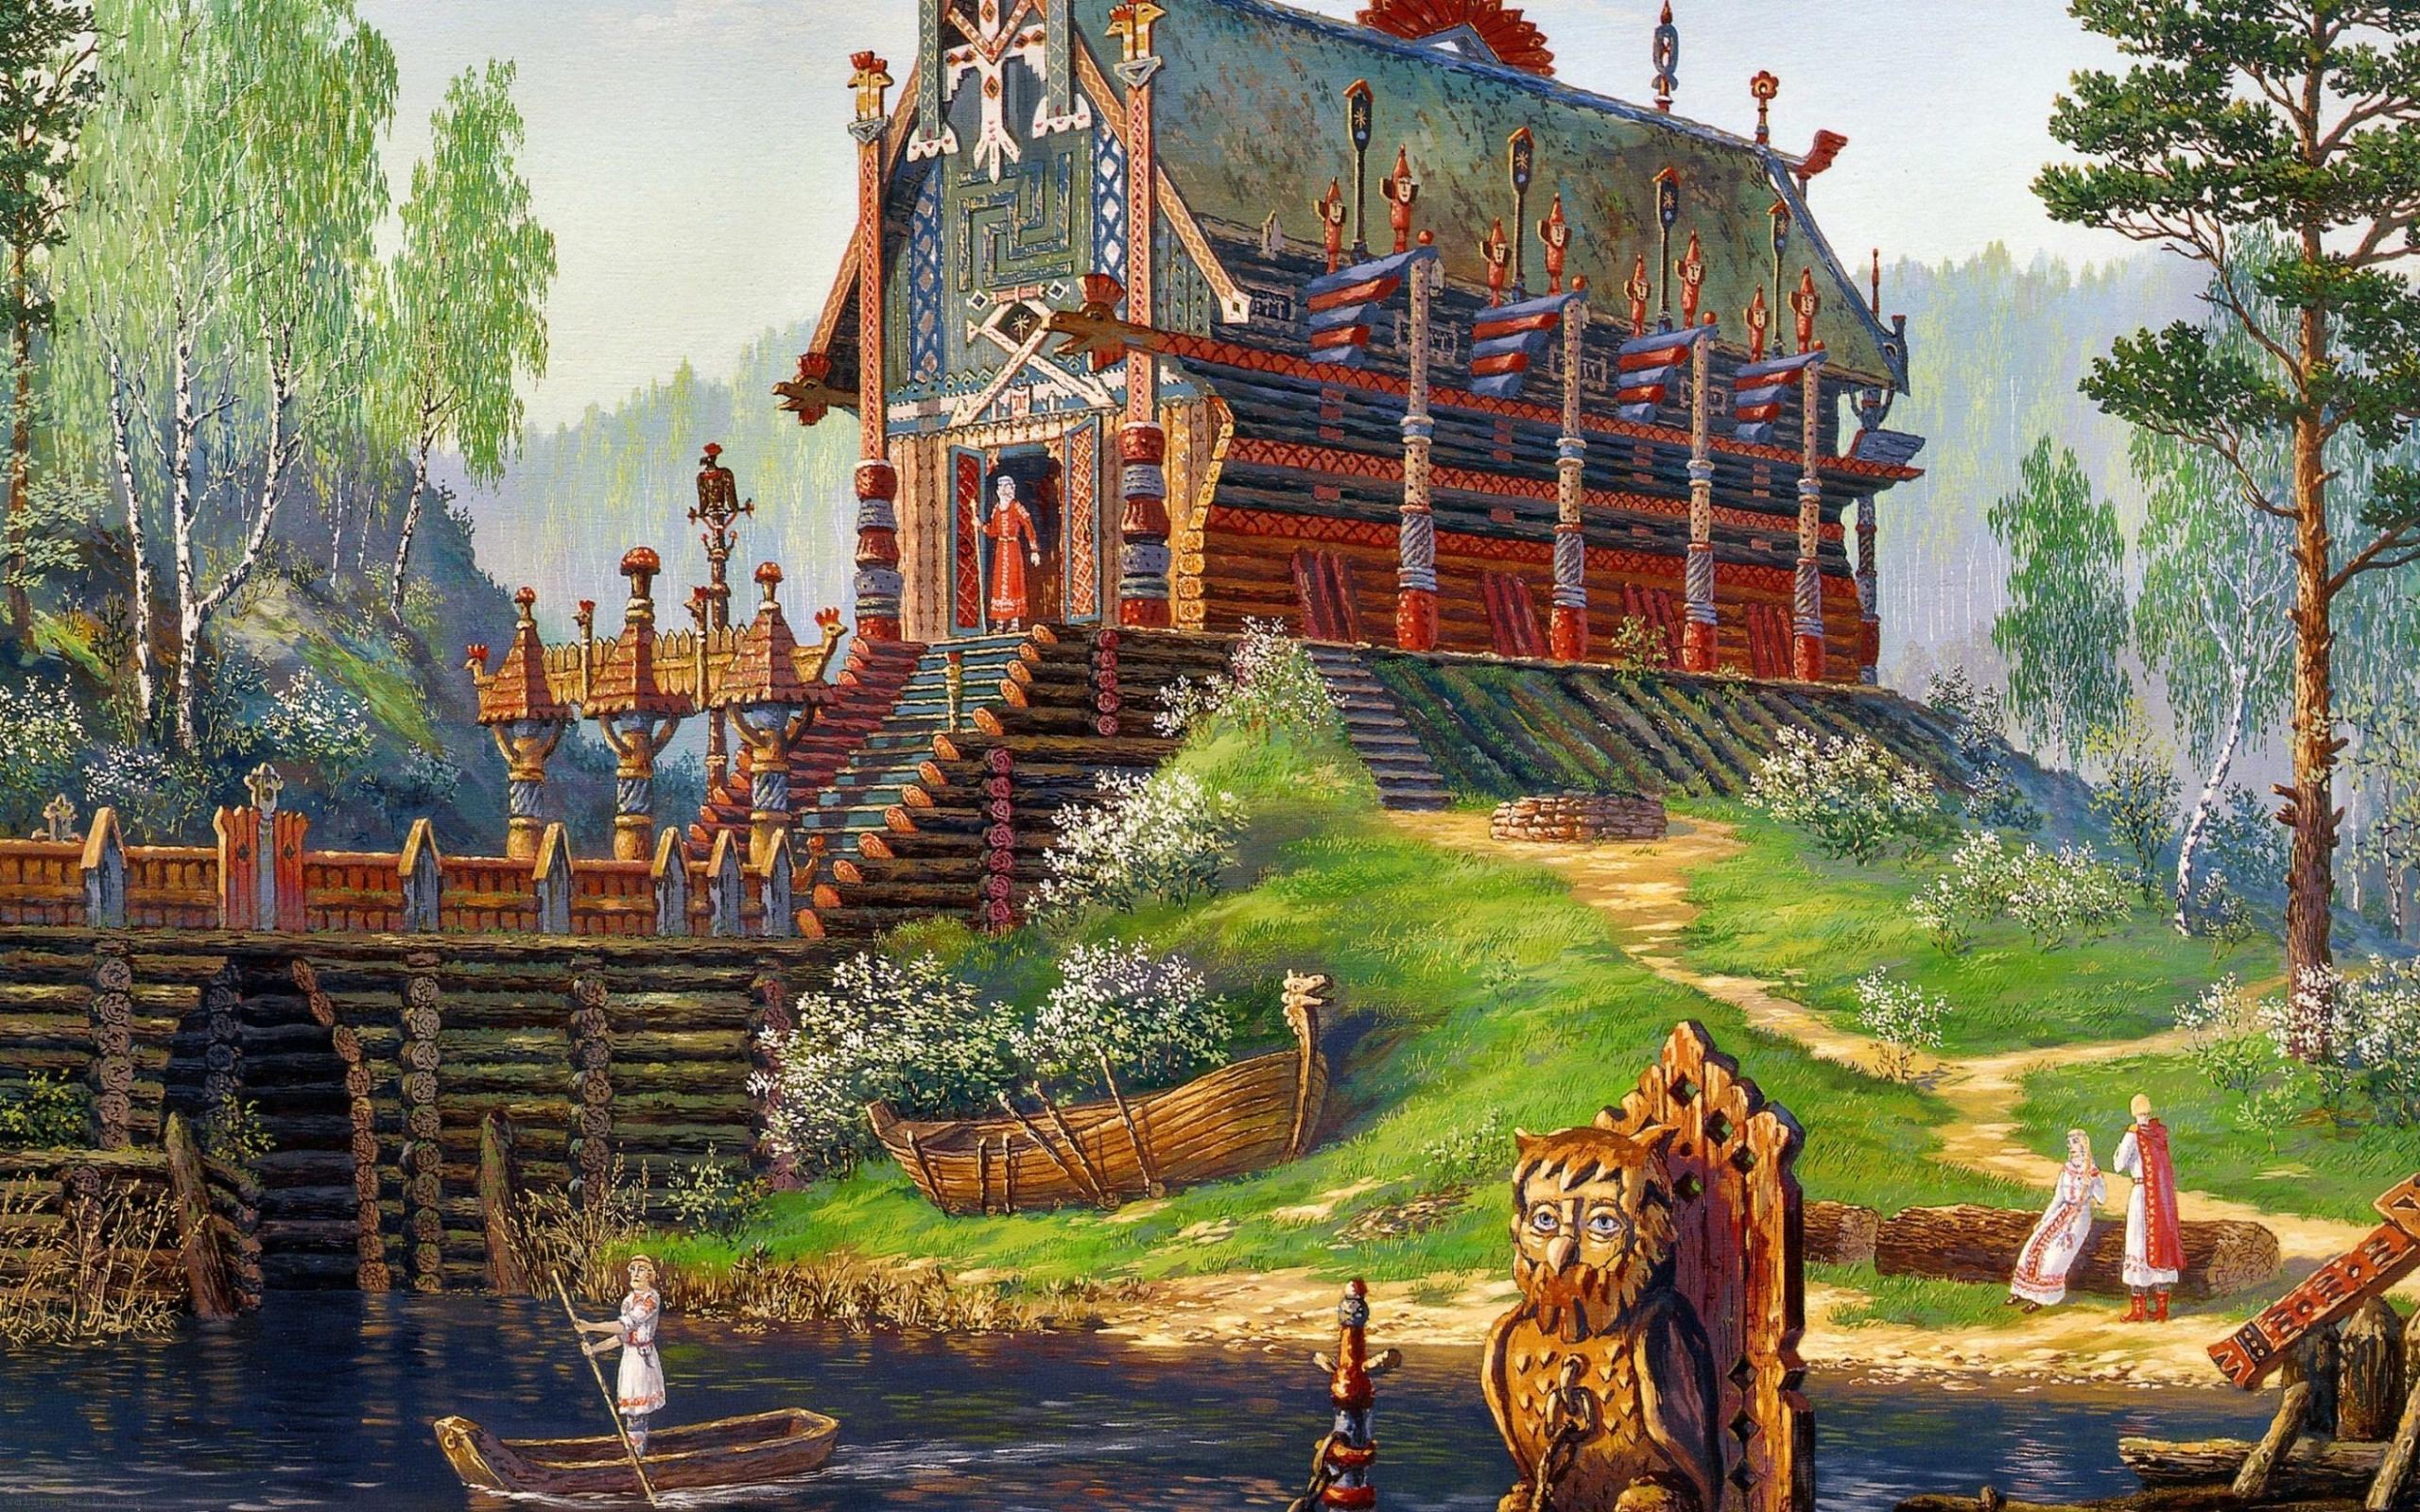 Vsevolod-ivanov-sventovida-temple-late-spring-russian-folklore-